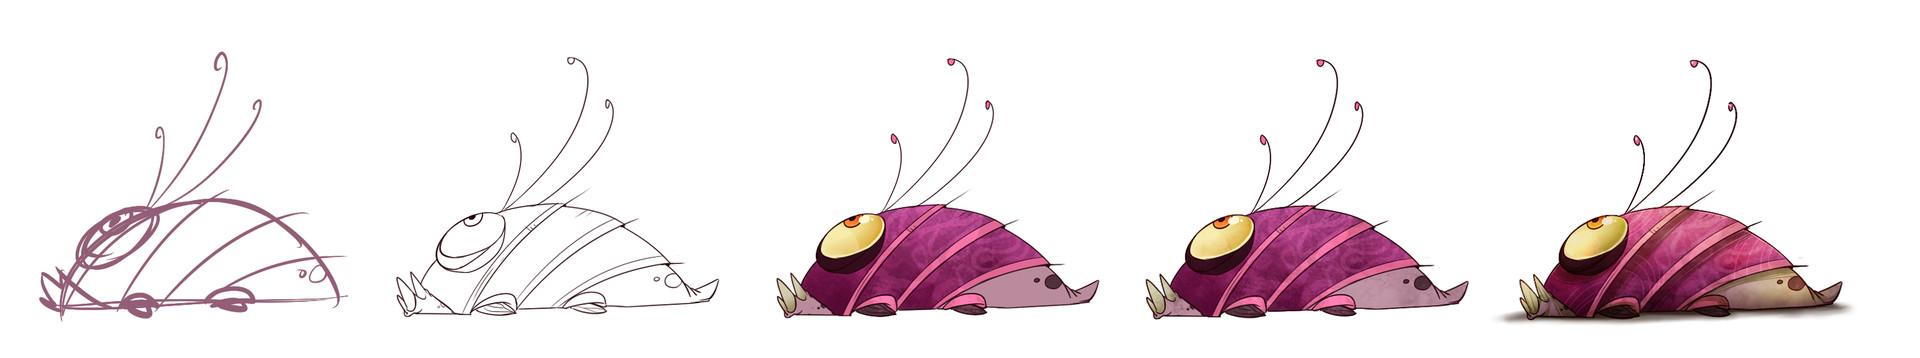 Marie razny marie razny larva thing wip by kina axian d8t23i9